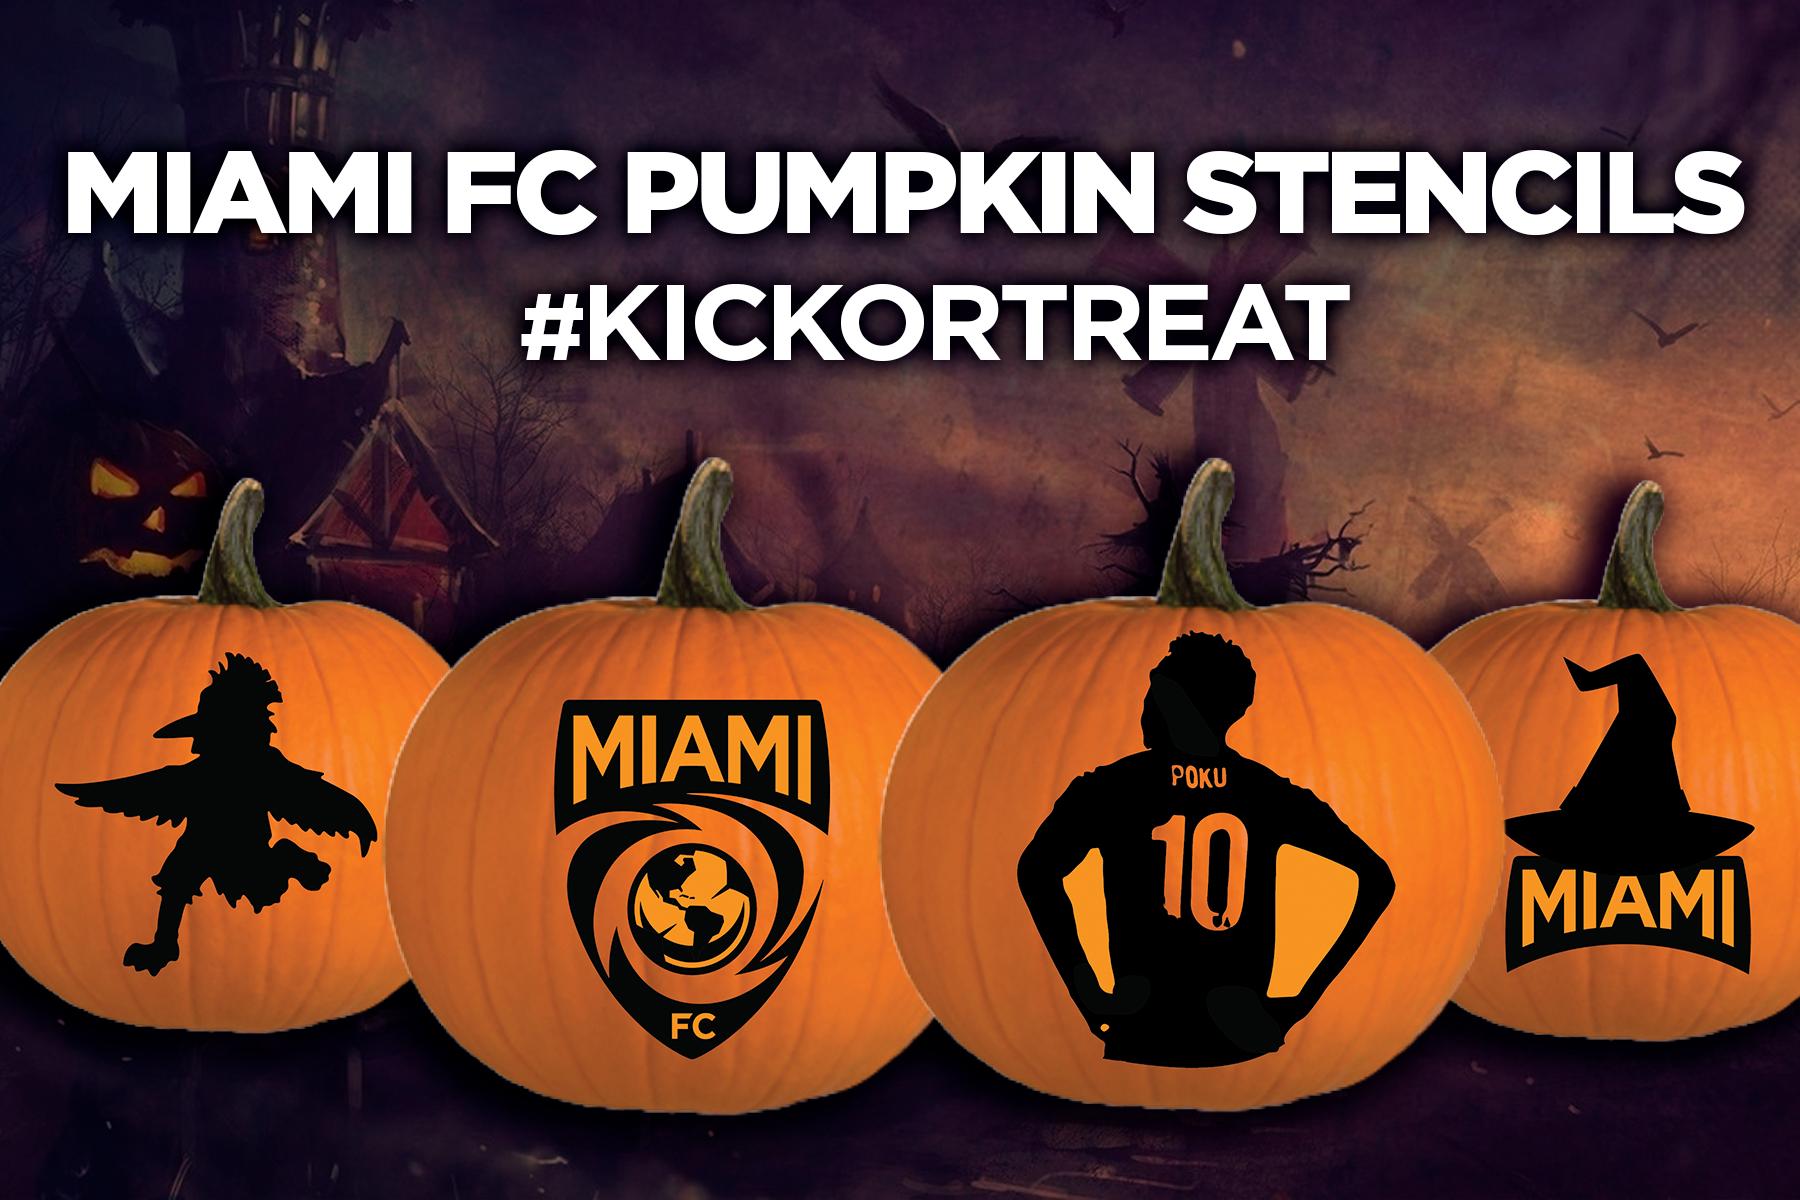 Miami FC Pumpkin Stencils | Miami FC